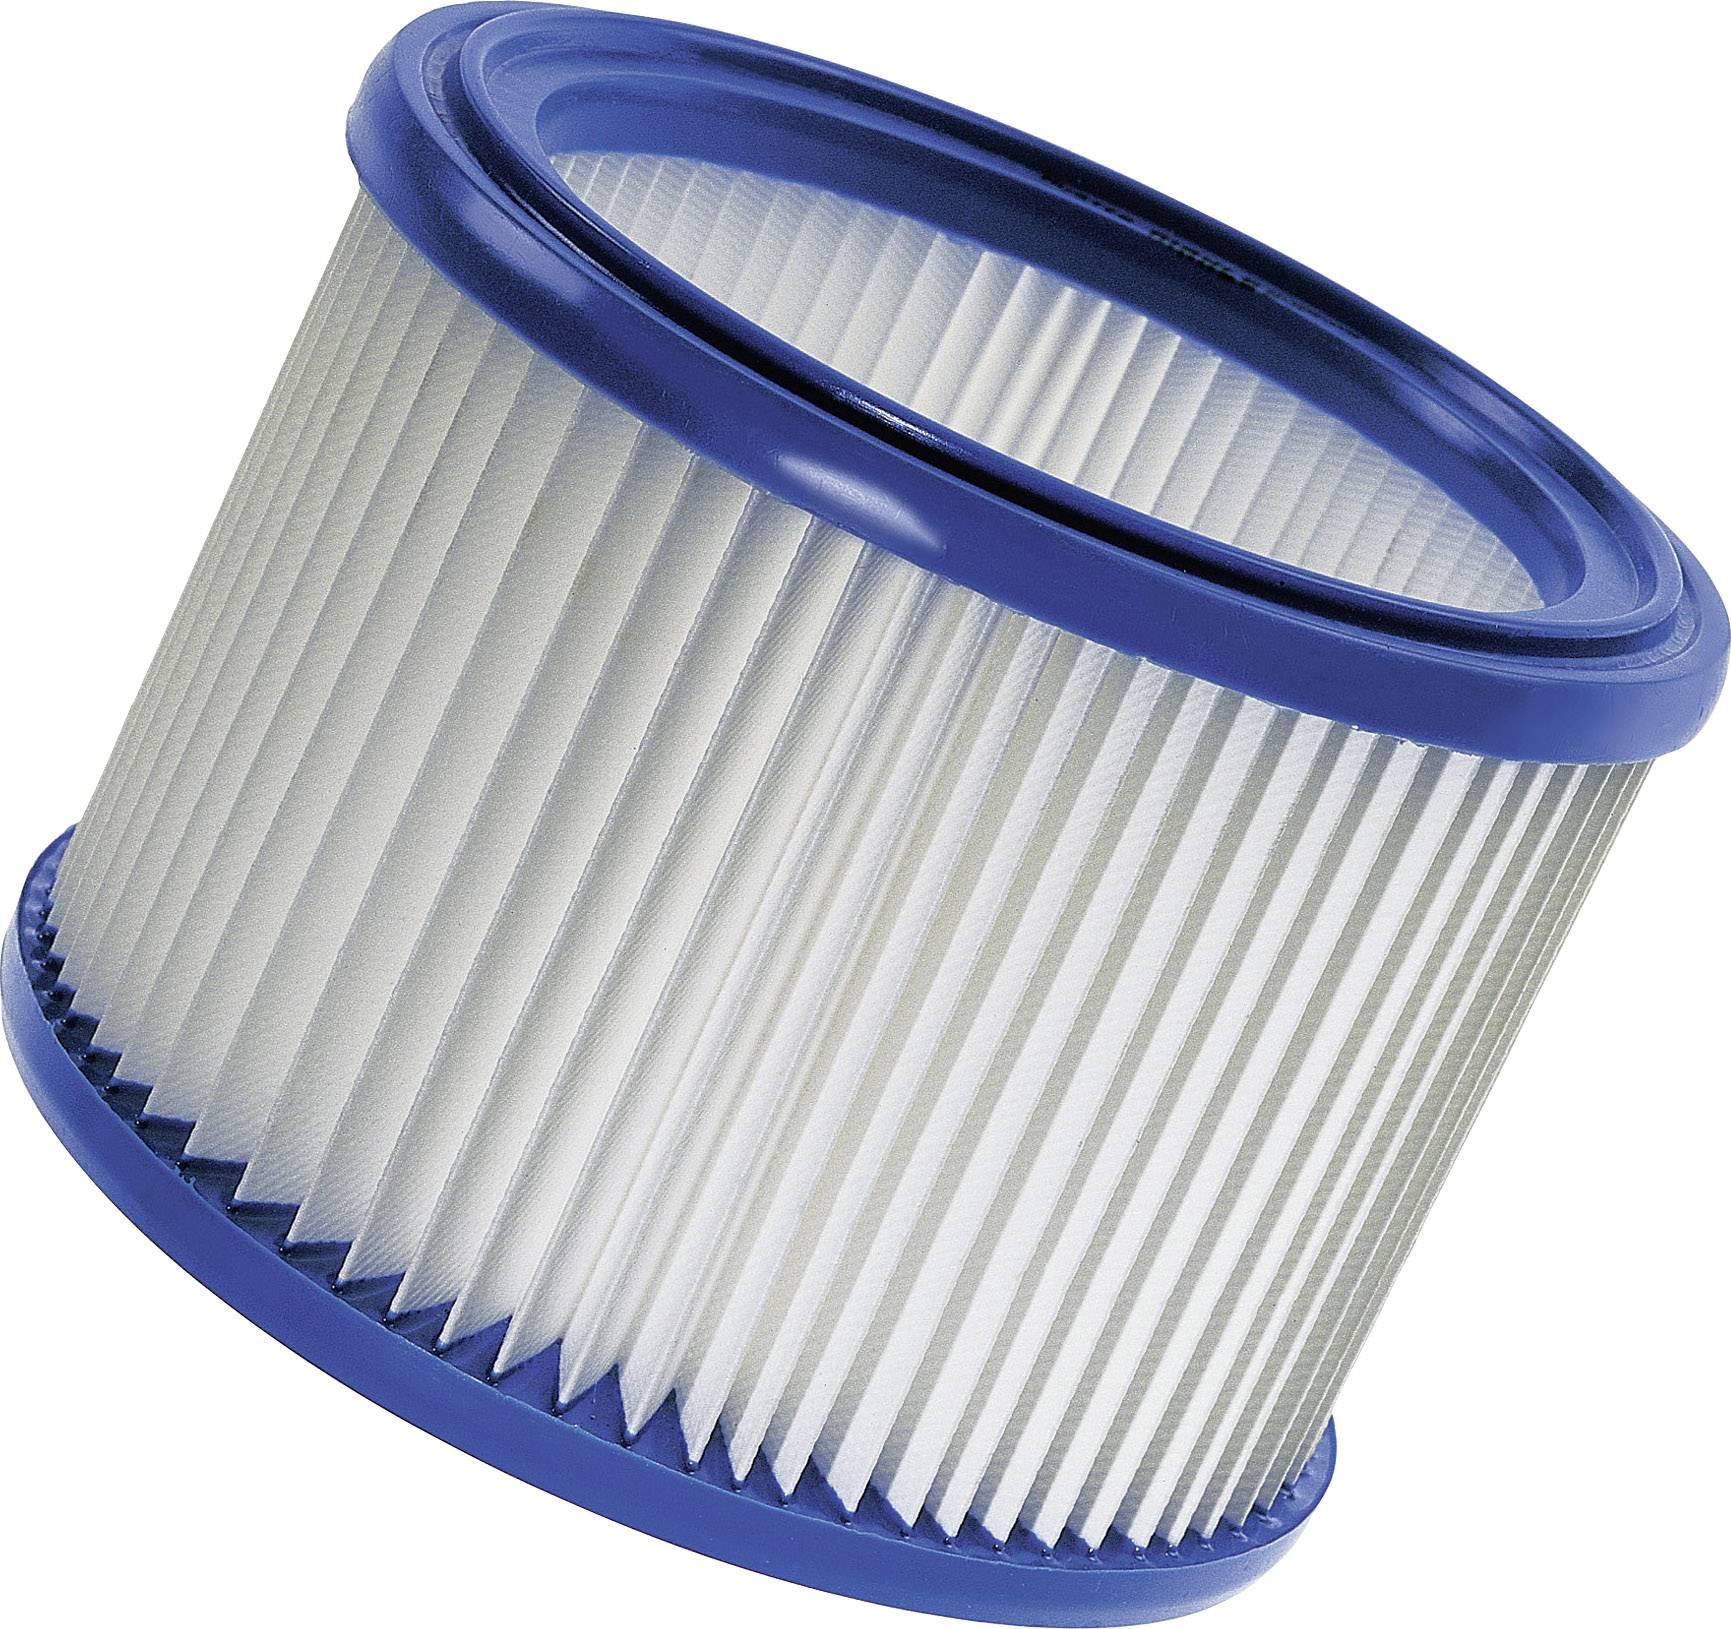 Filtr pro vysavače Nilfisk Alto PET, umývateľný